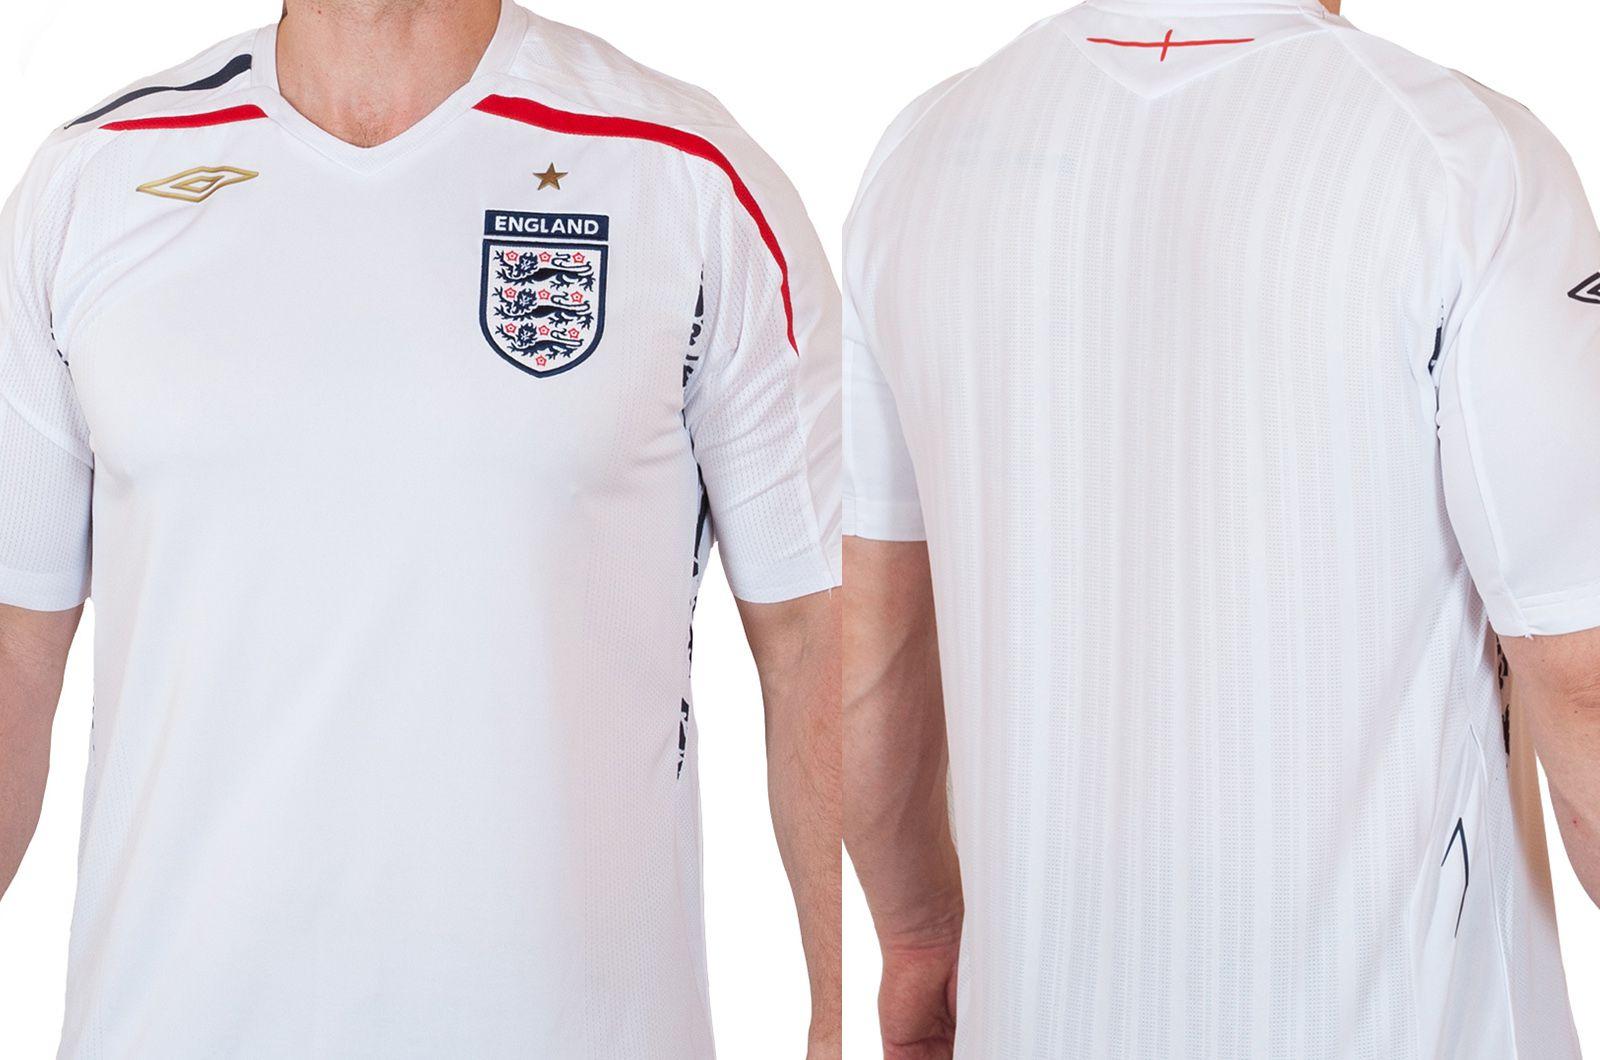 Заказать футболки сборной Англии